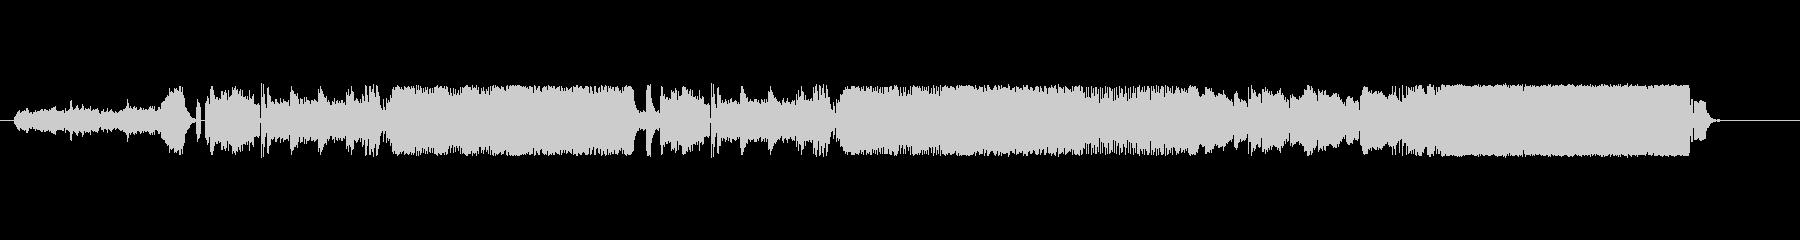 低高音混じる鋭さのあるシンセサイザーの曲の未再生の波形